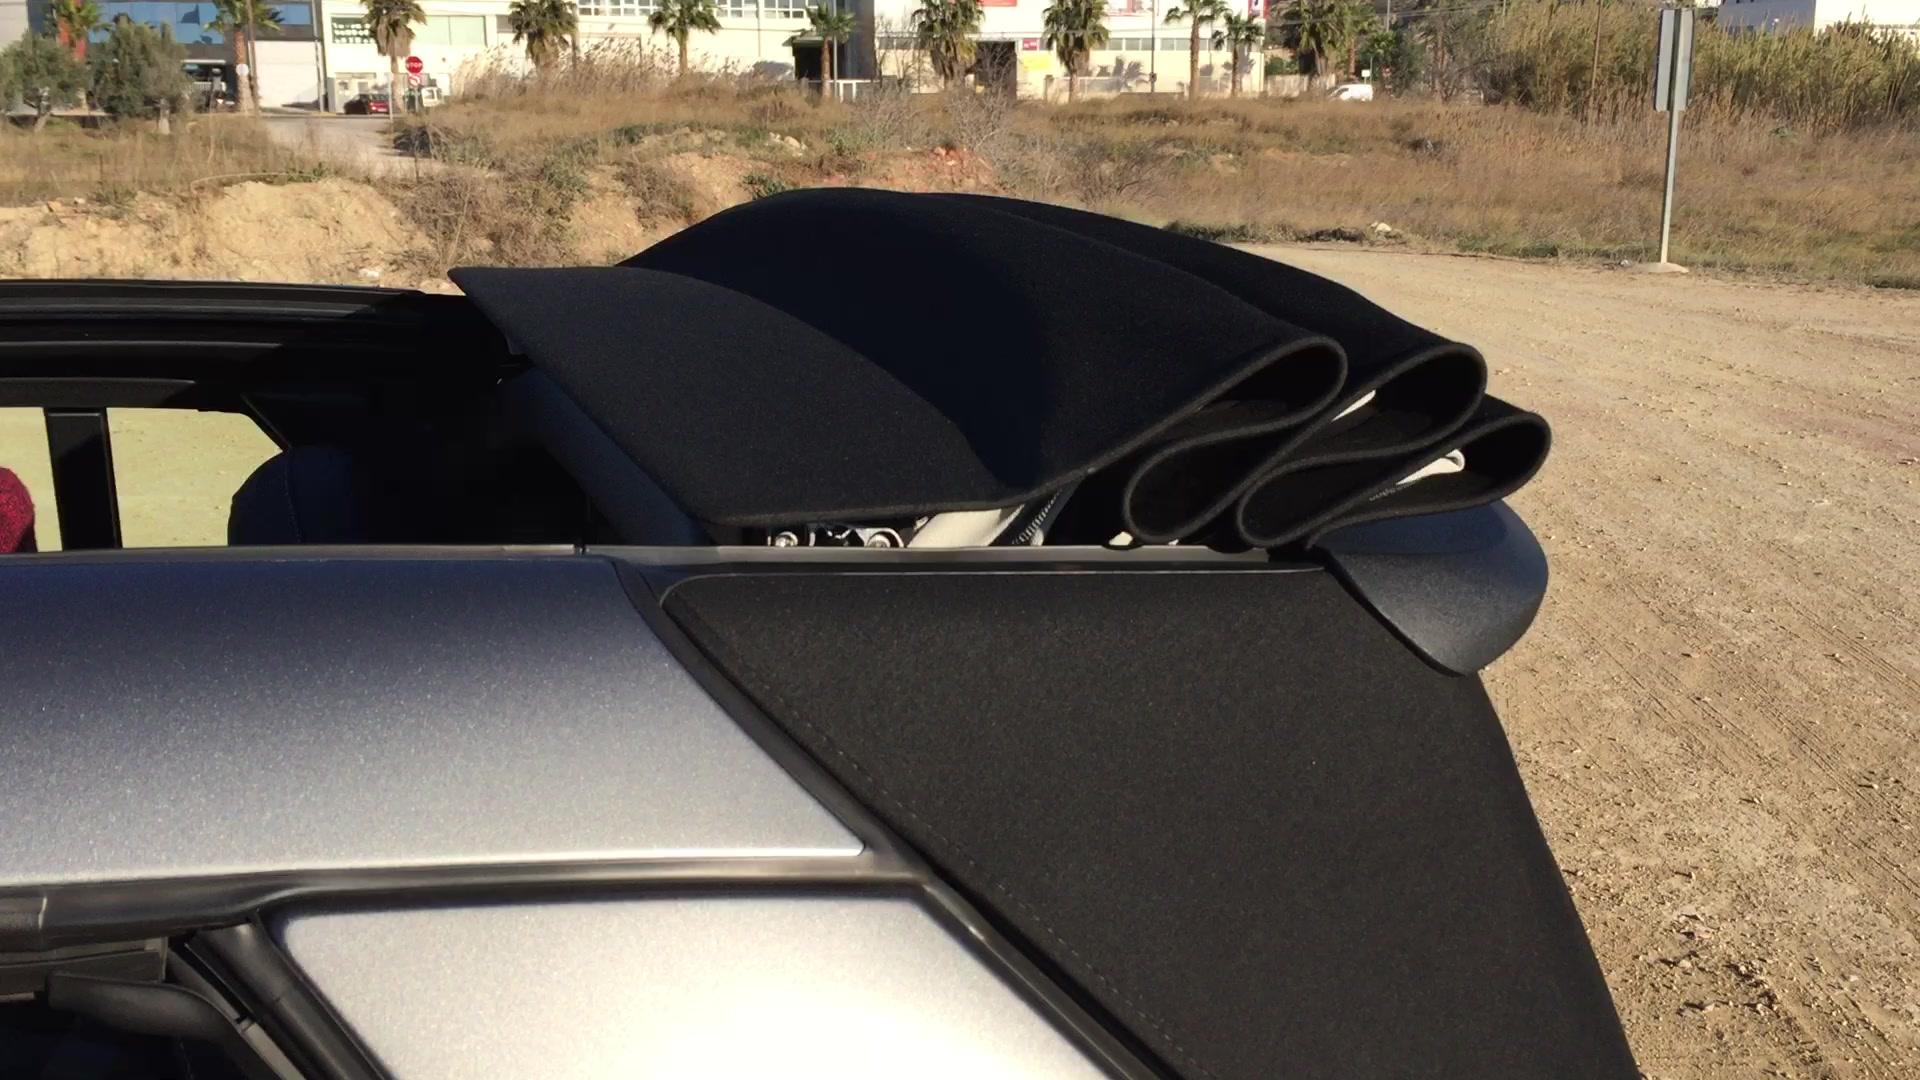 smart fortwo 450 cabrio tető manuális lenyitása kézzel útmutató leírás